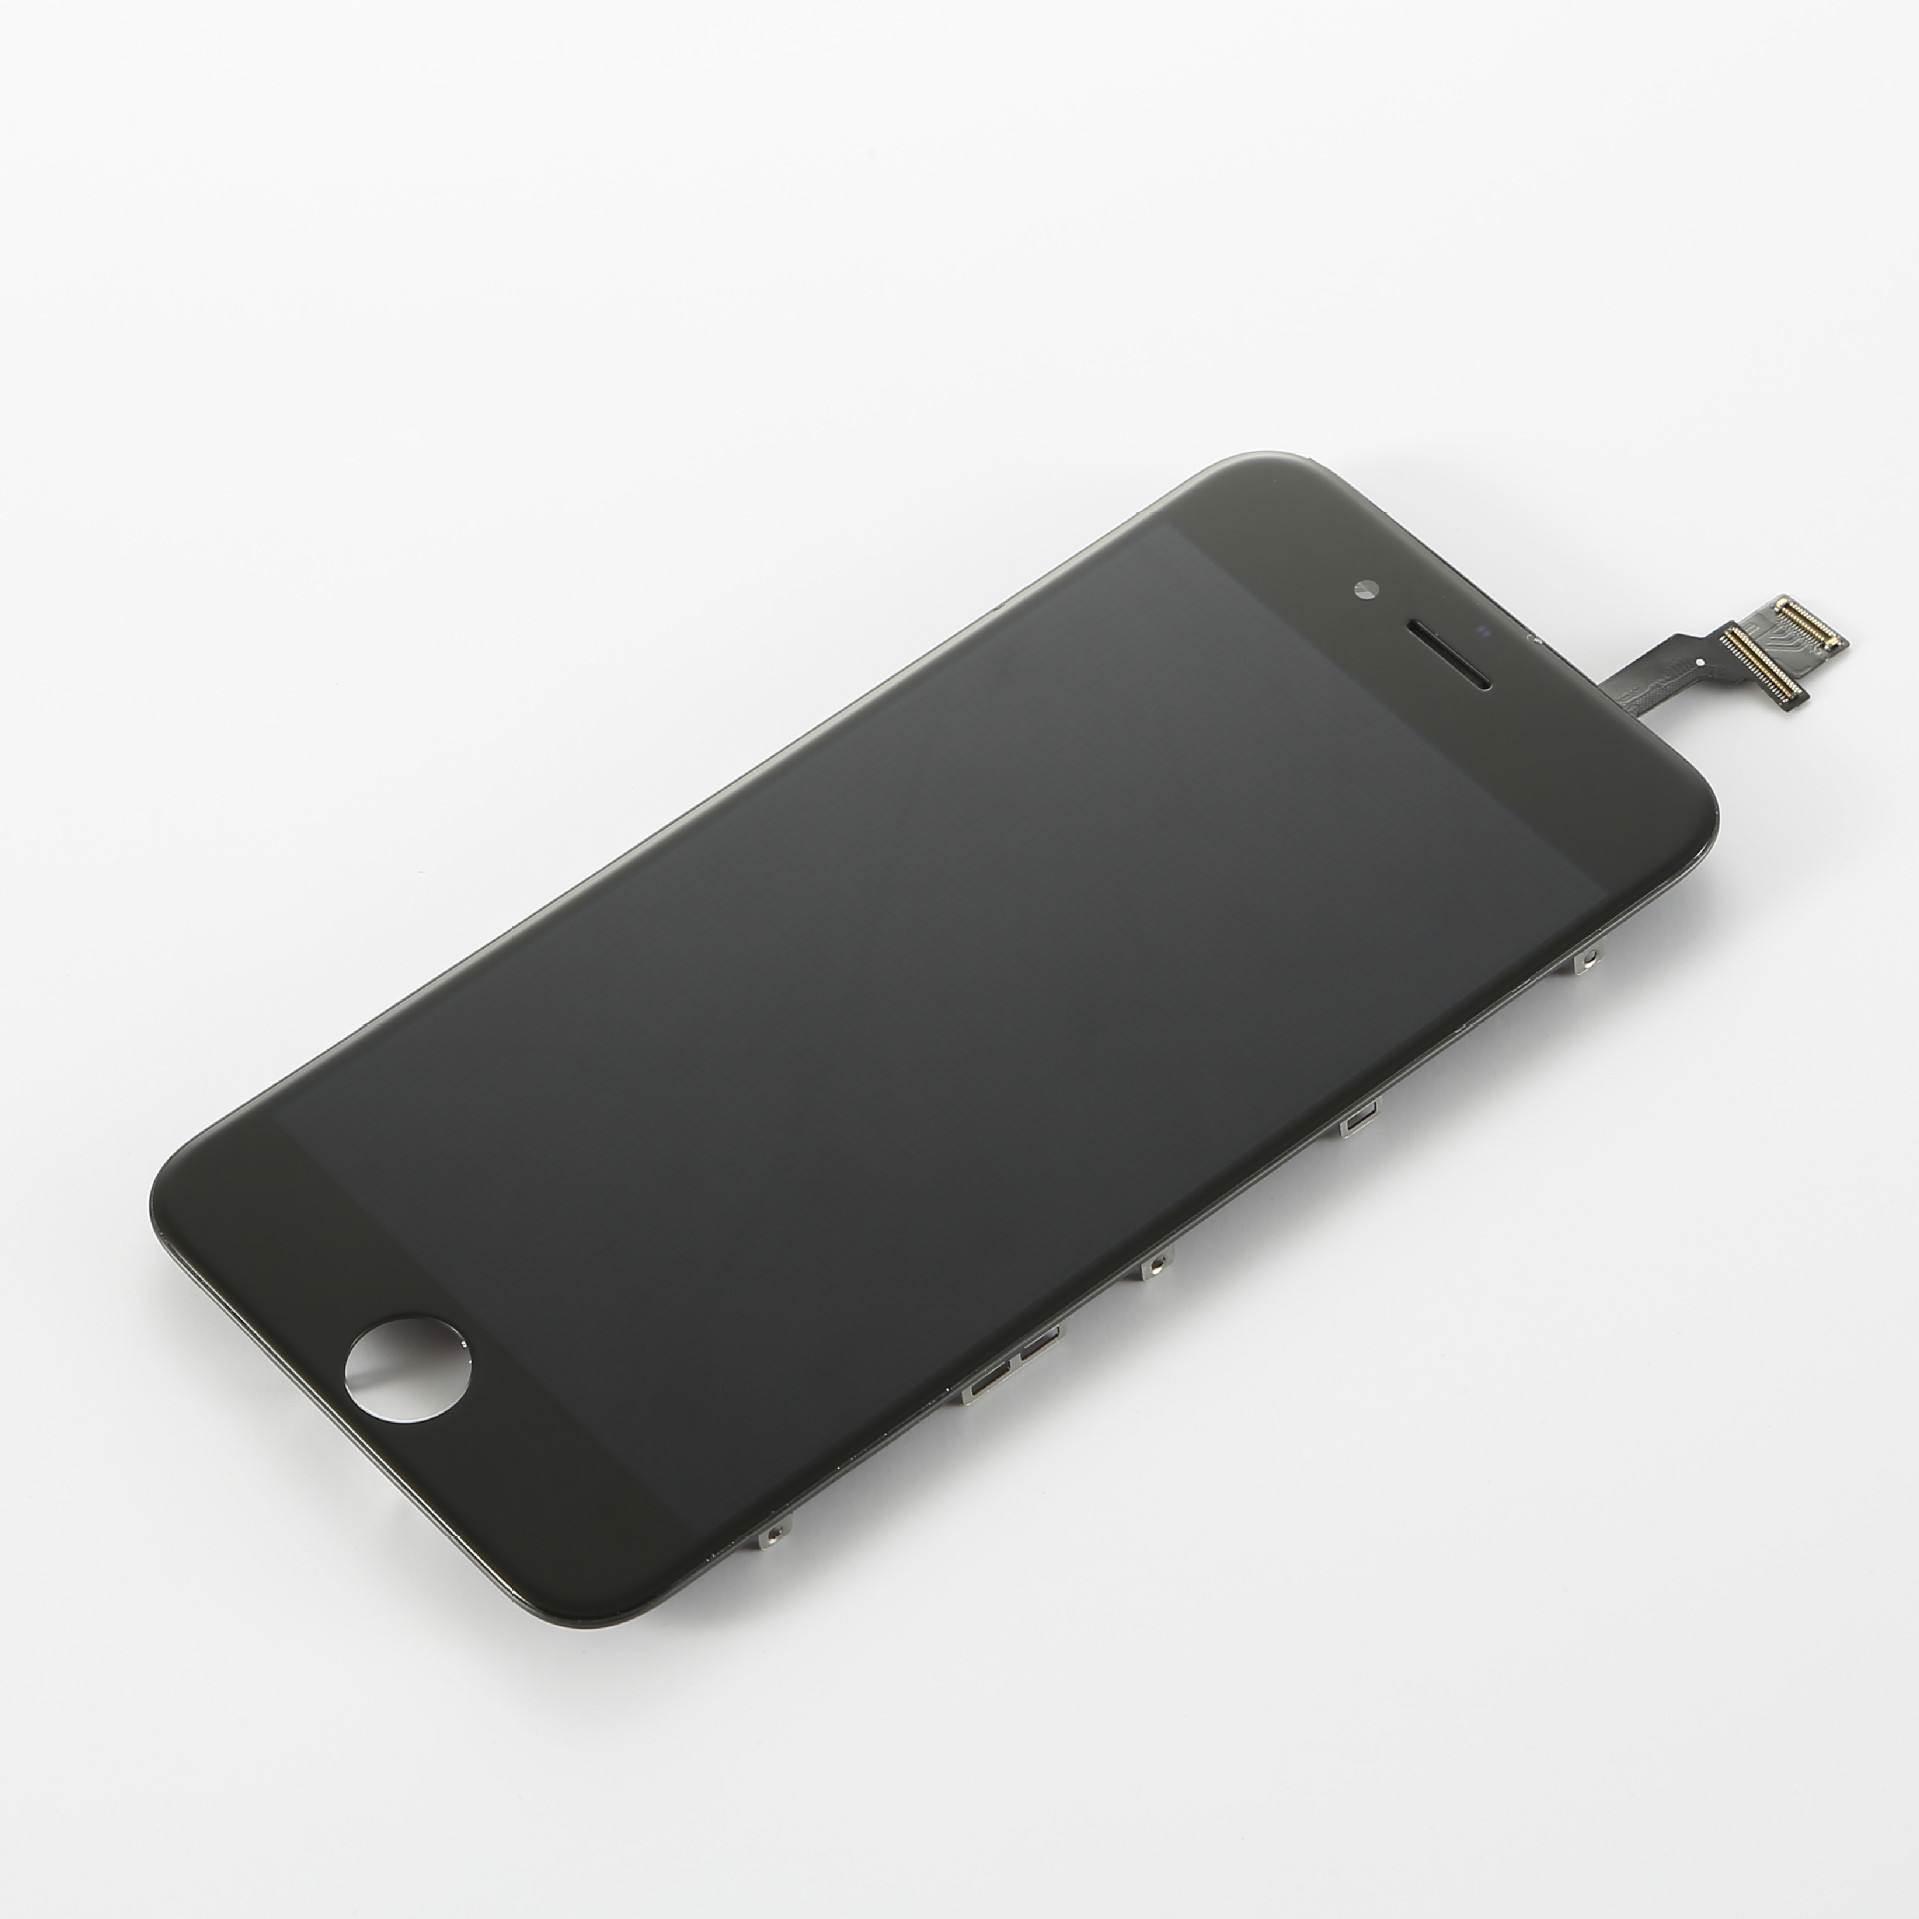 回收手机显示屏 江门回收手机显示屏多少钱